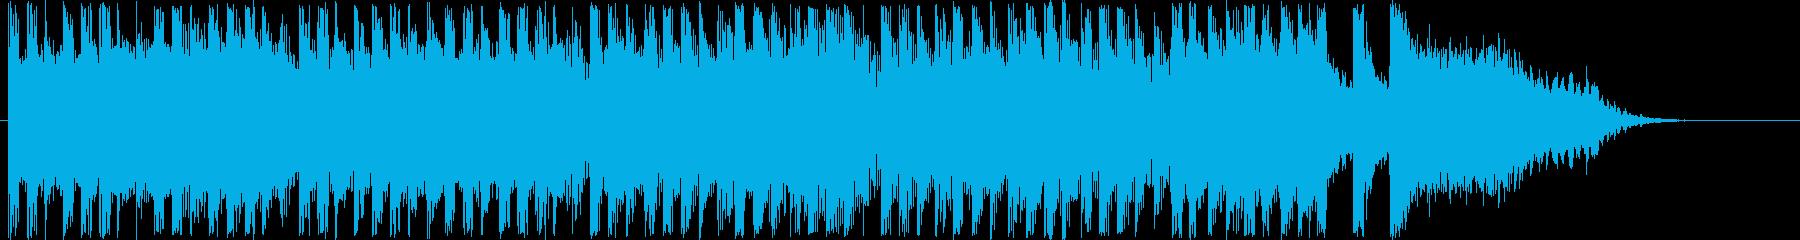 明るくはじけるシンセなど短めジングルの再生済みの波形